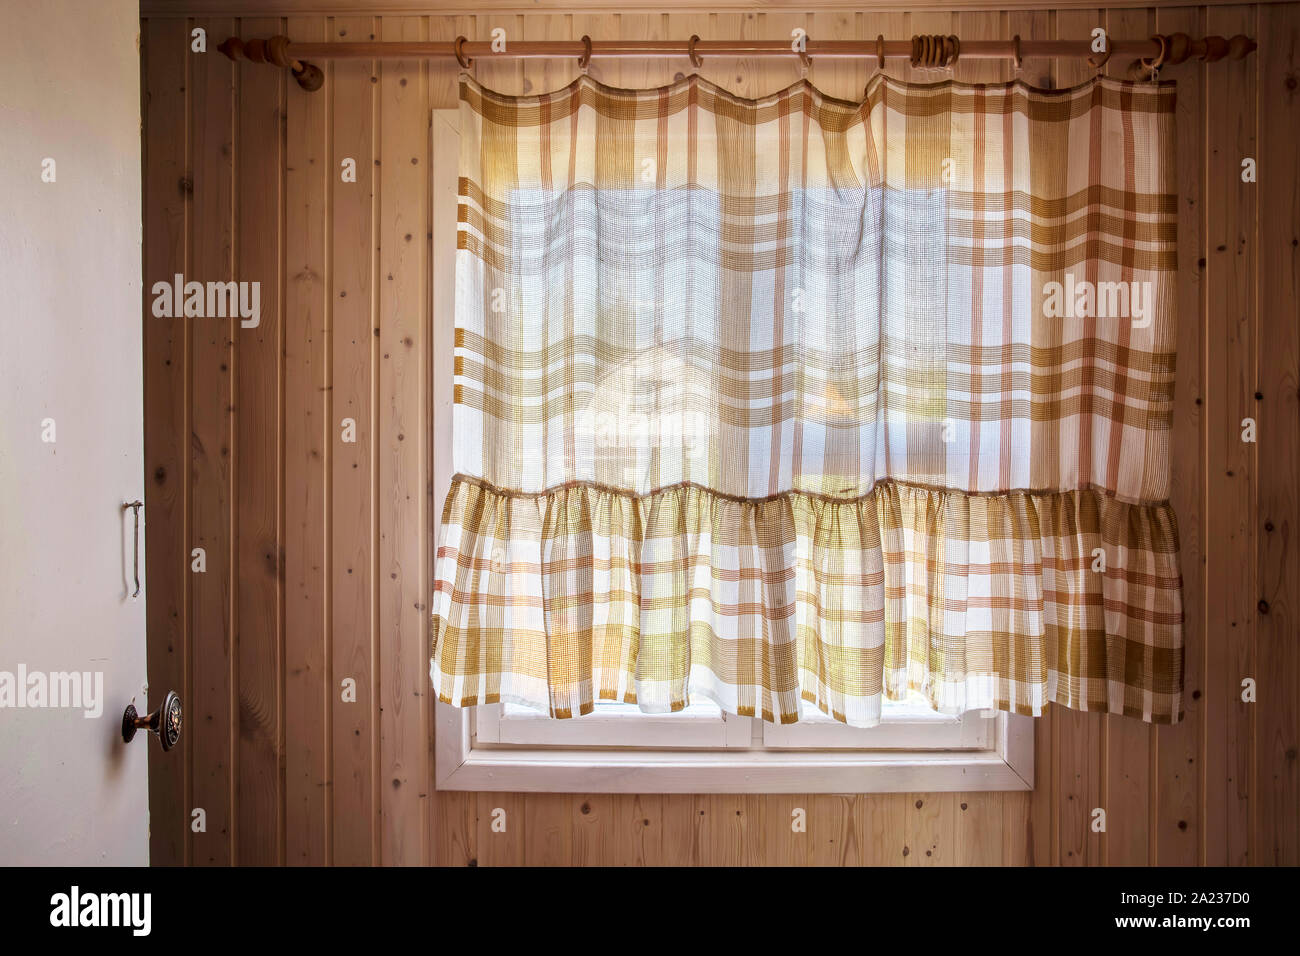 Cortinas Cerradas Fotos e Imágenes de stock Página 4 Alamy